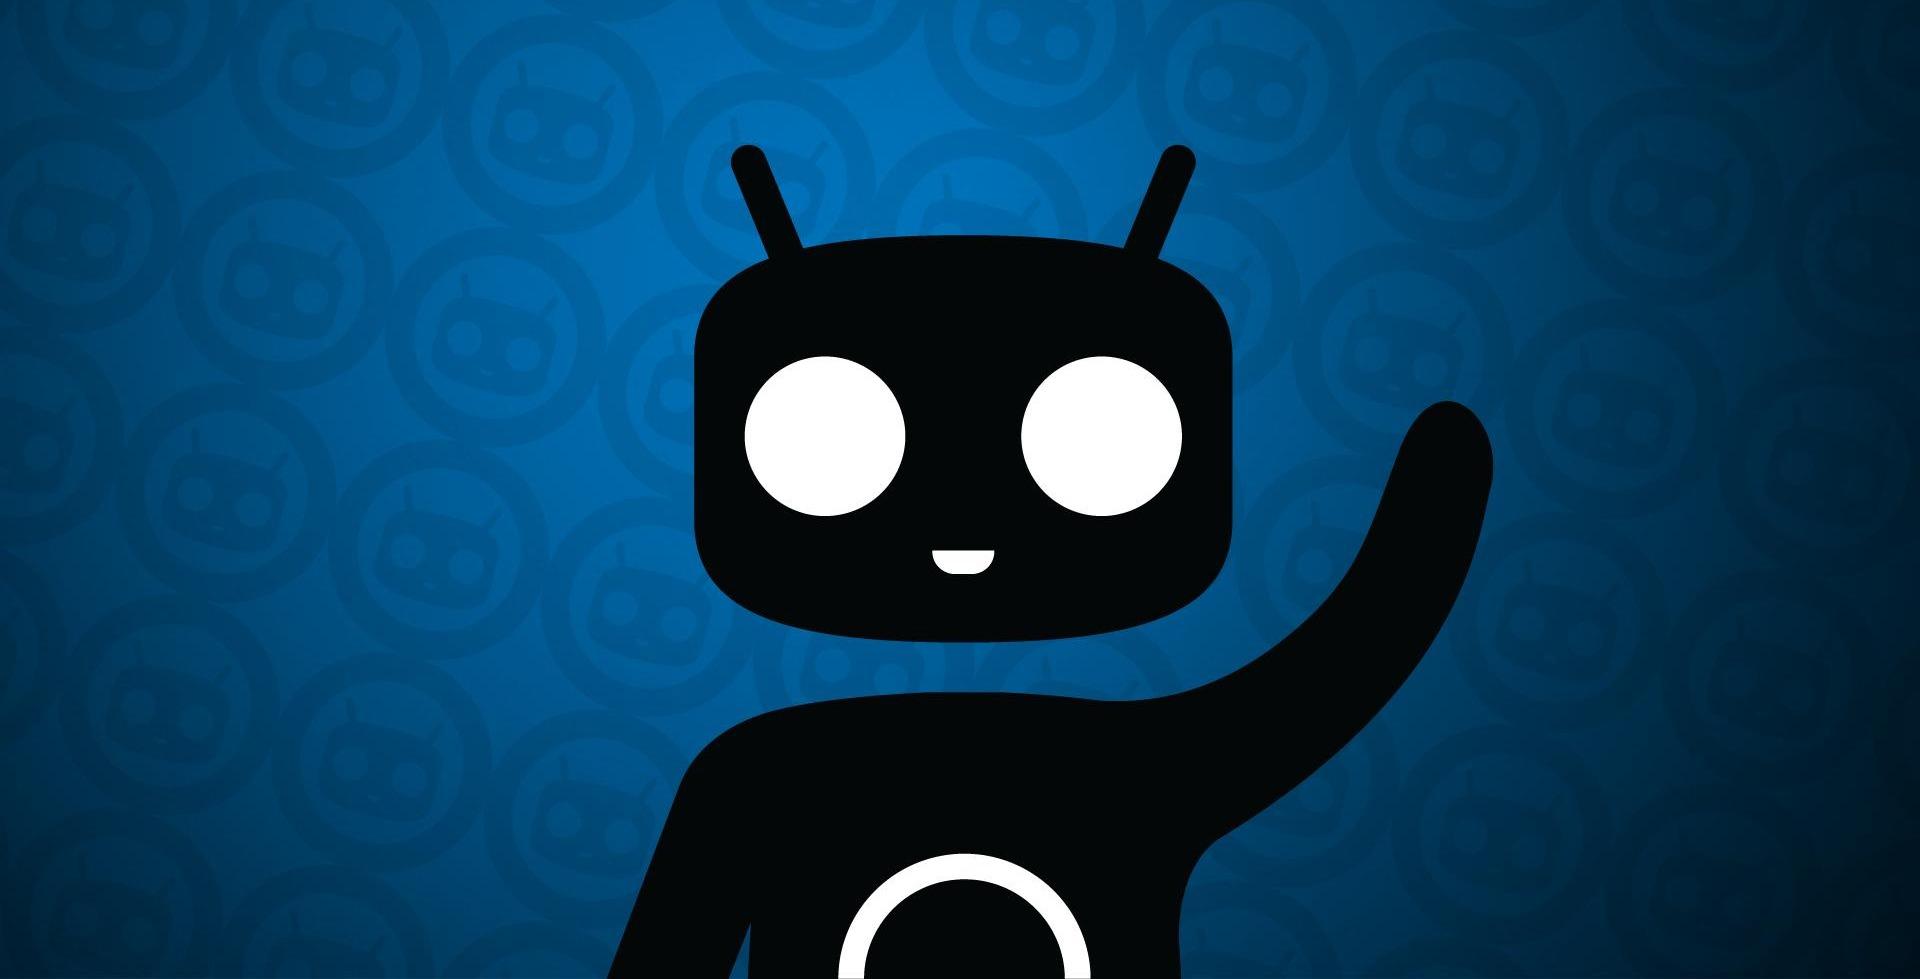 CyanogenMod opvolger